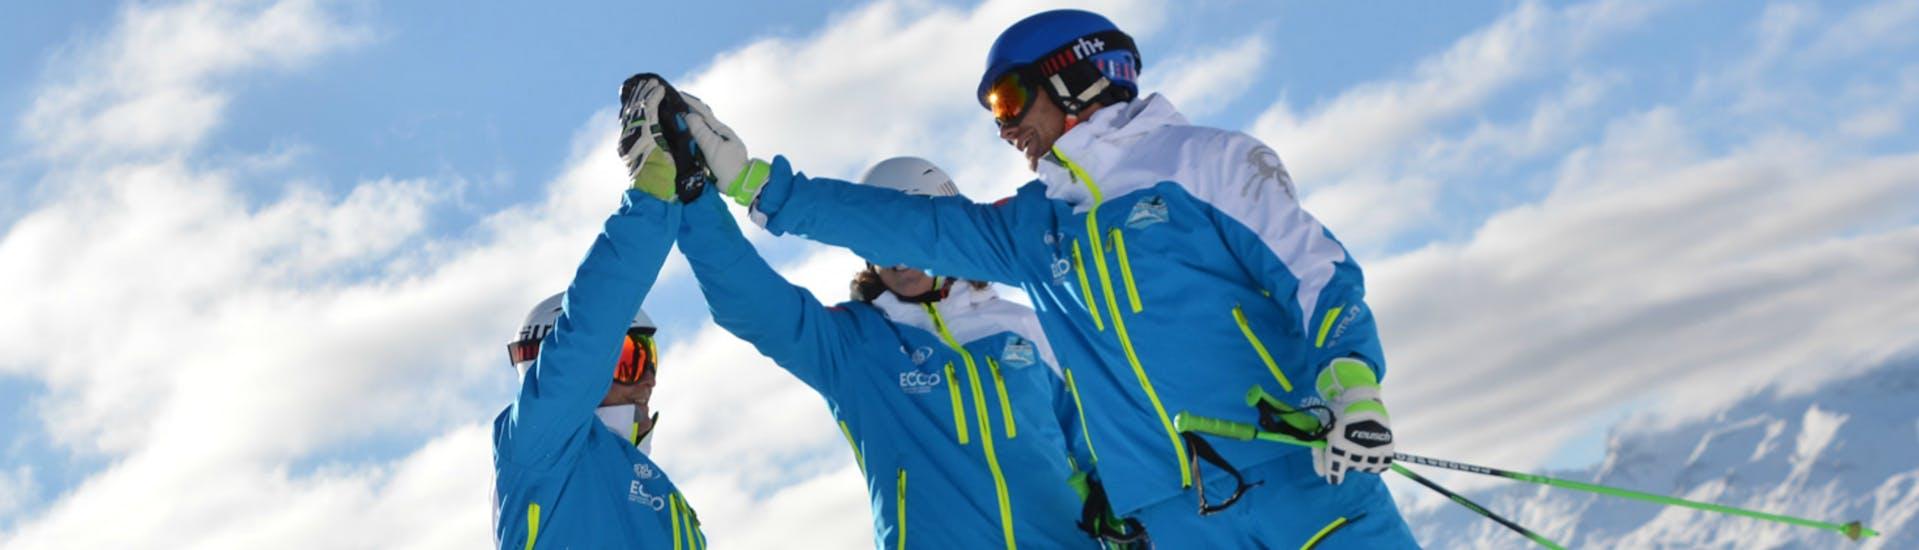 Cours de ski Enfants dès 12 ans pour Tous niveaux avec Silvaplana Top Snowsports - Hero image